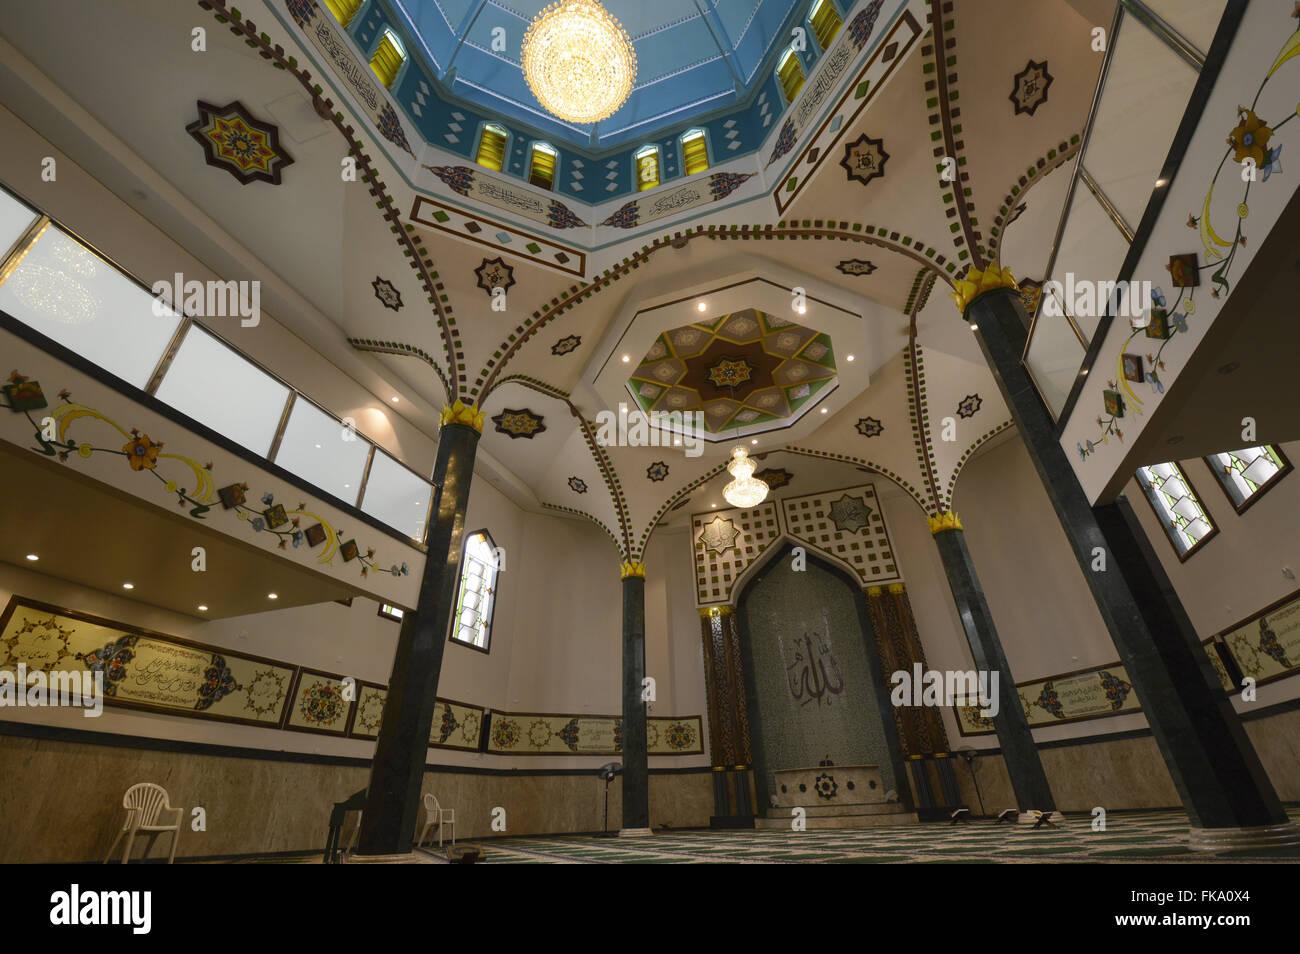 Vista interna da Mesquita do Brás - bairro Brás - Stock Image